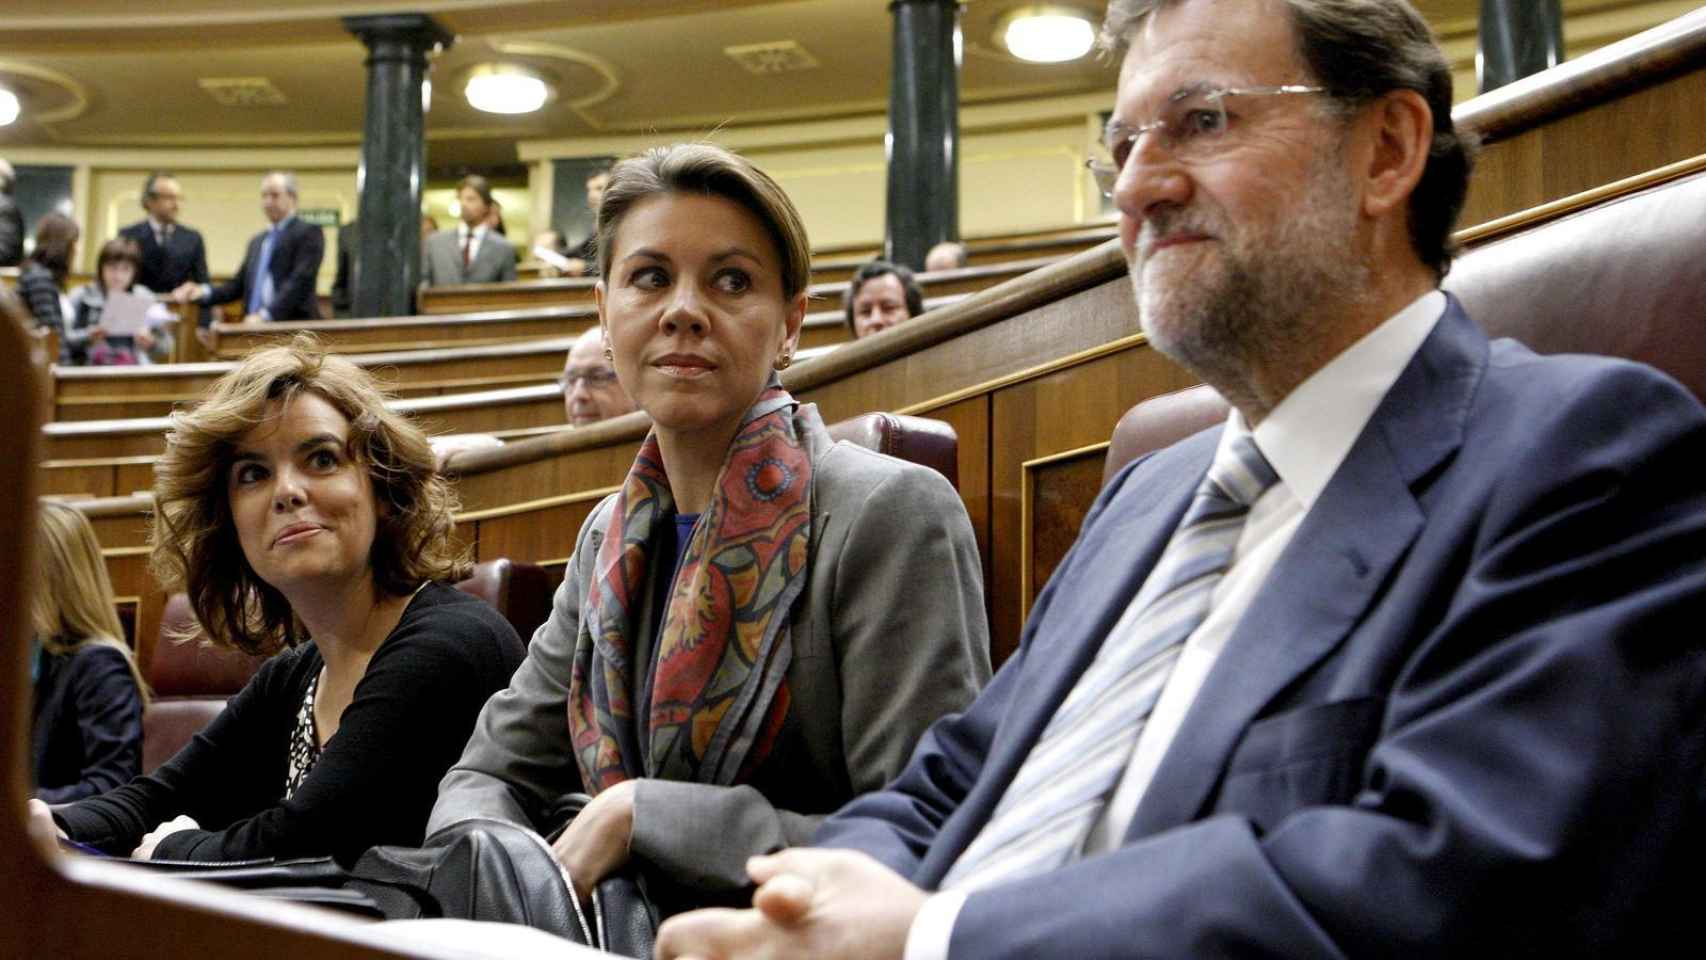 Mariano Rajoy, María Dolores de Cospedal y Soraya Saénz de Santamaría en el Congreso. /EFE